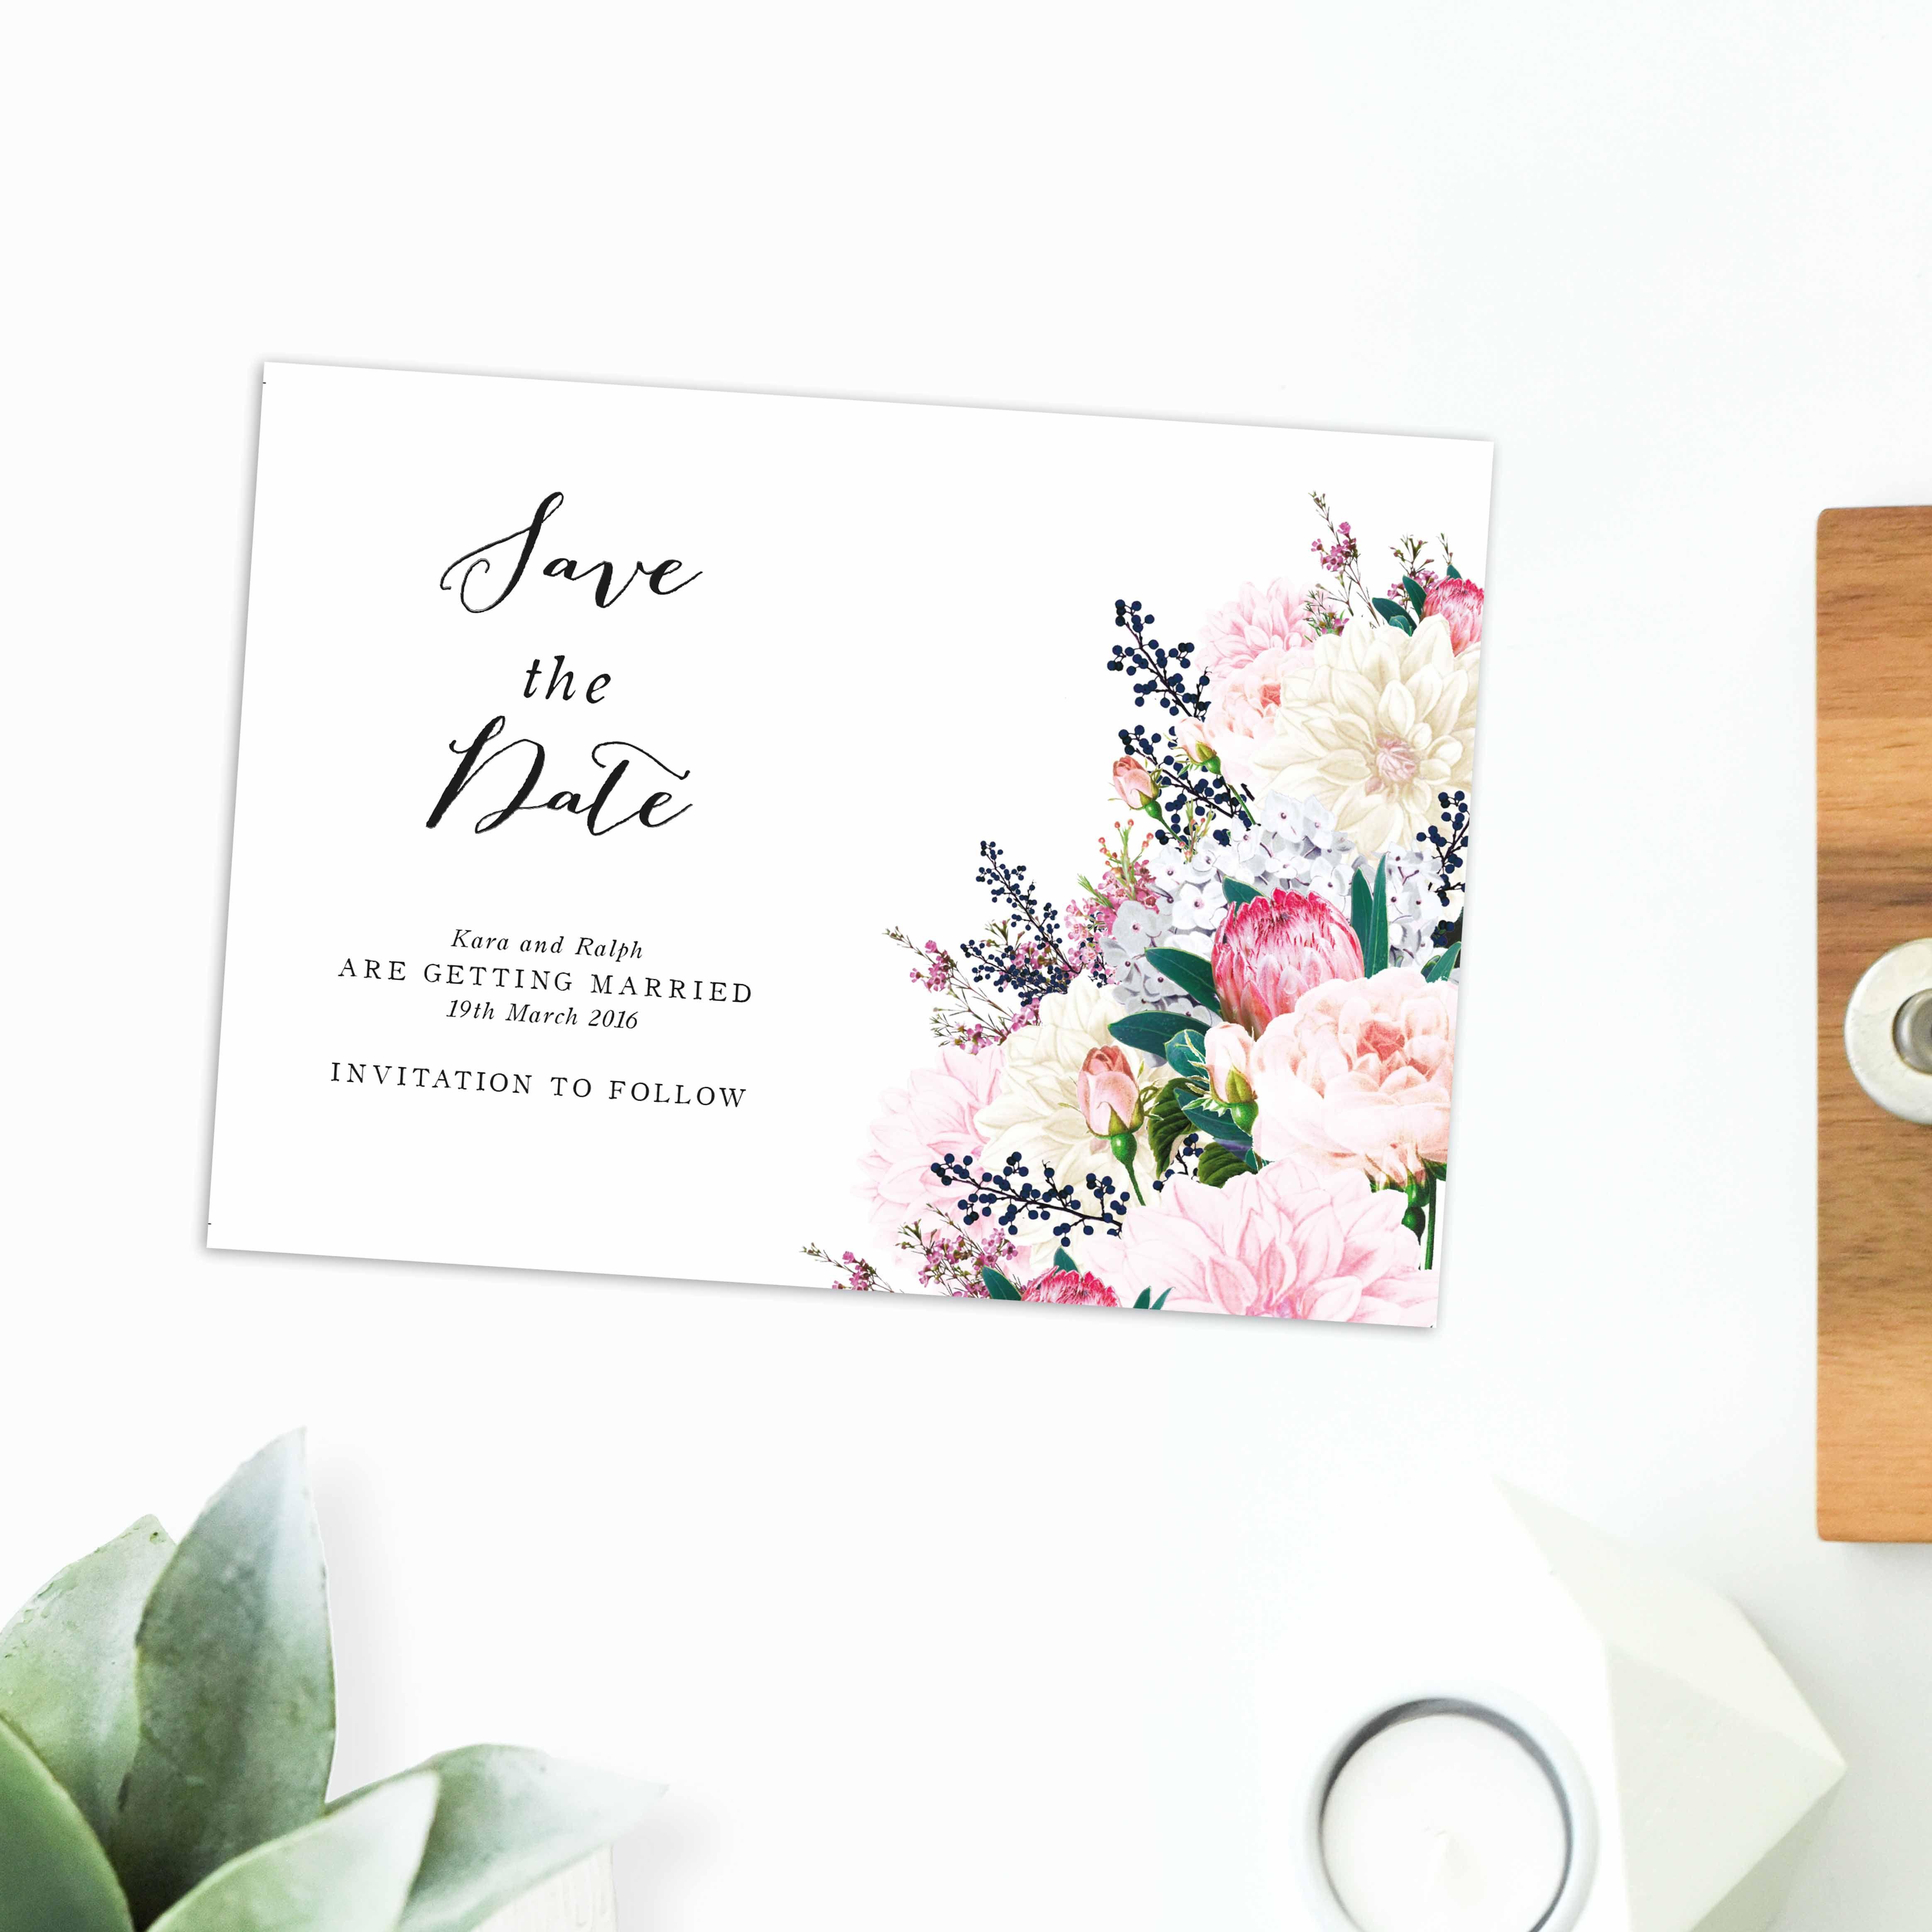 Australian Botanical Wedding Invitations | Botanical wedding